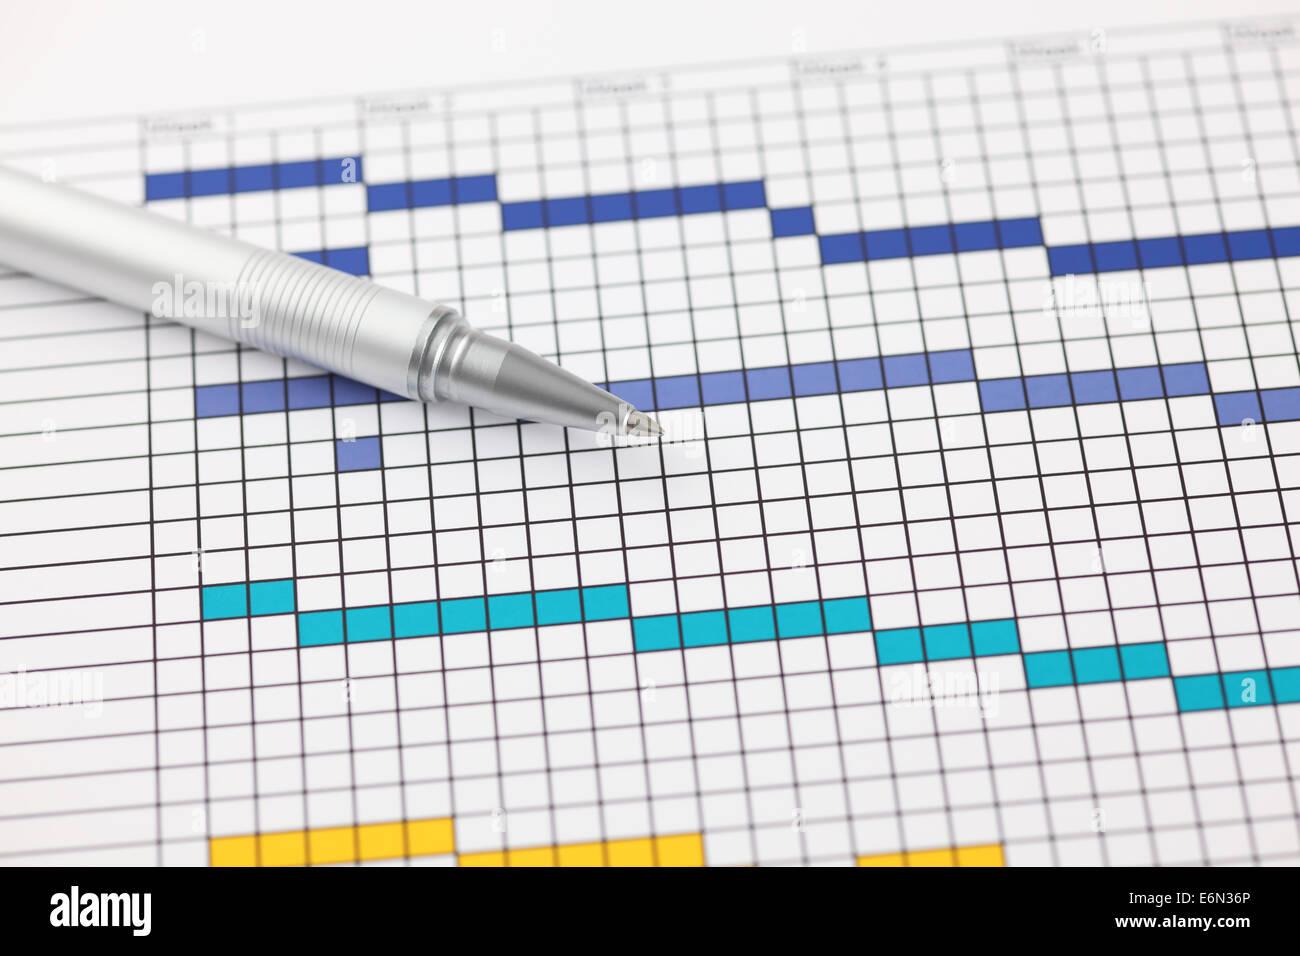 Gantt Chart Stock Photos Gantt Chart Stock Images Alamy